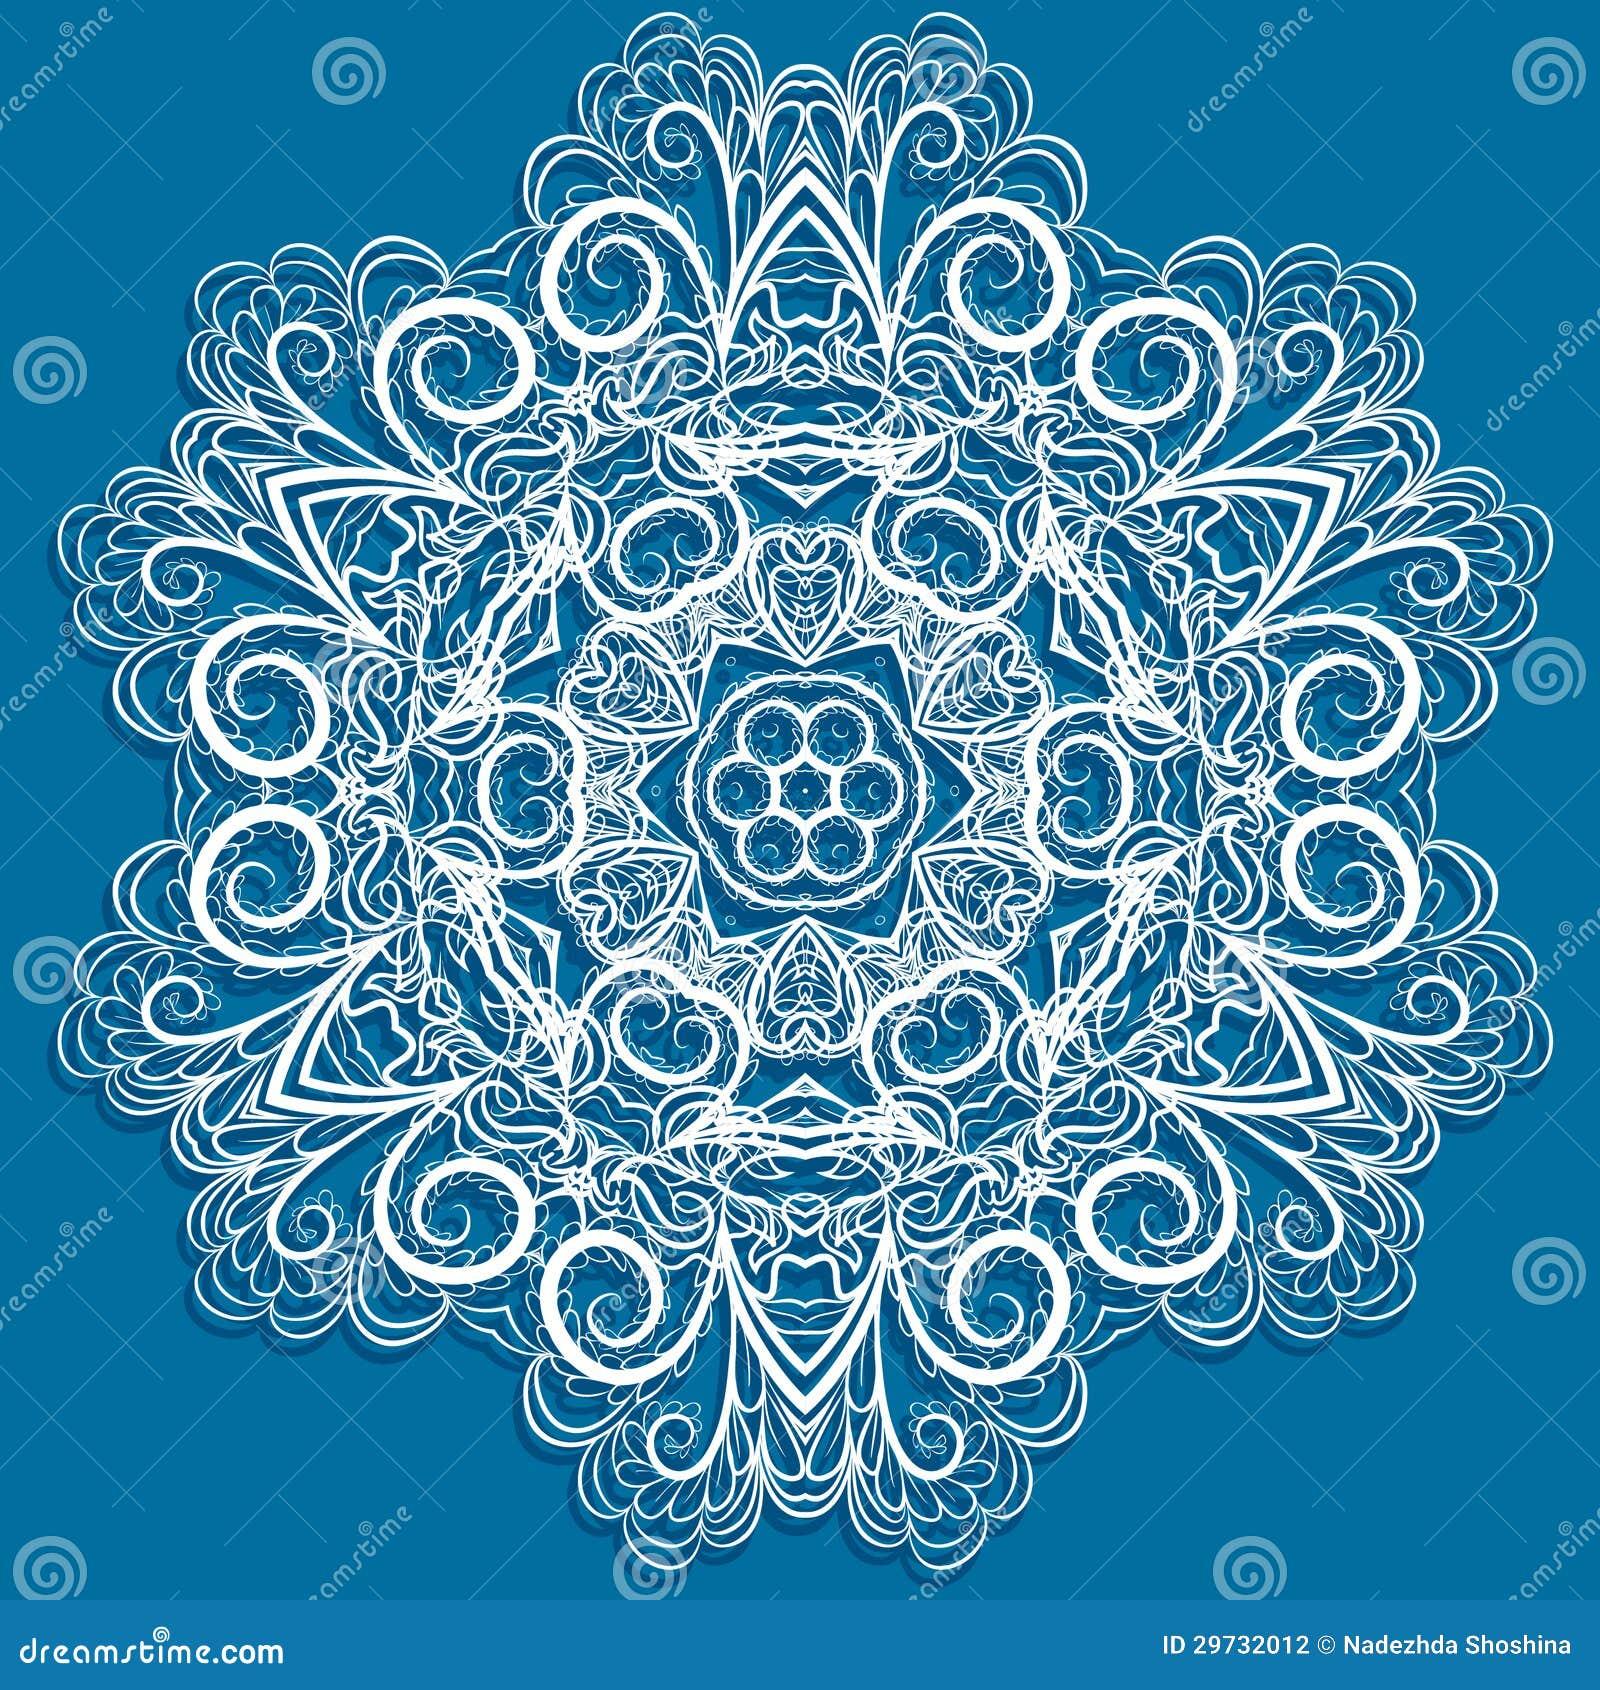 Weiße Schneeflocke Auf Blau Vektor Abbildung - Illustration von ...